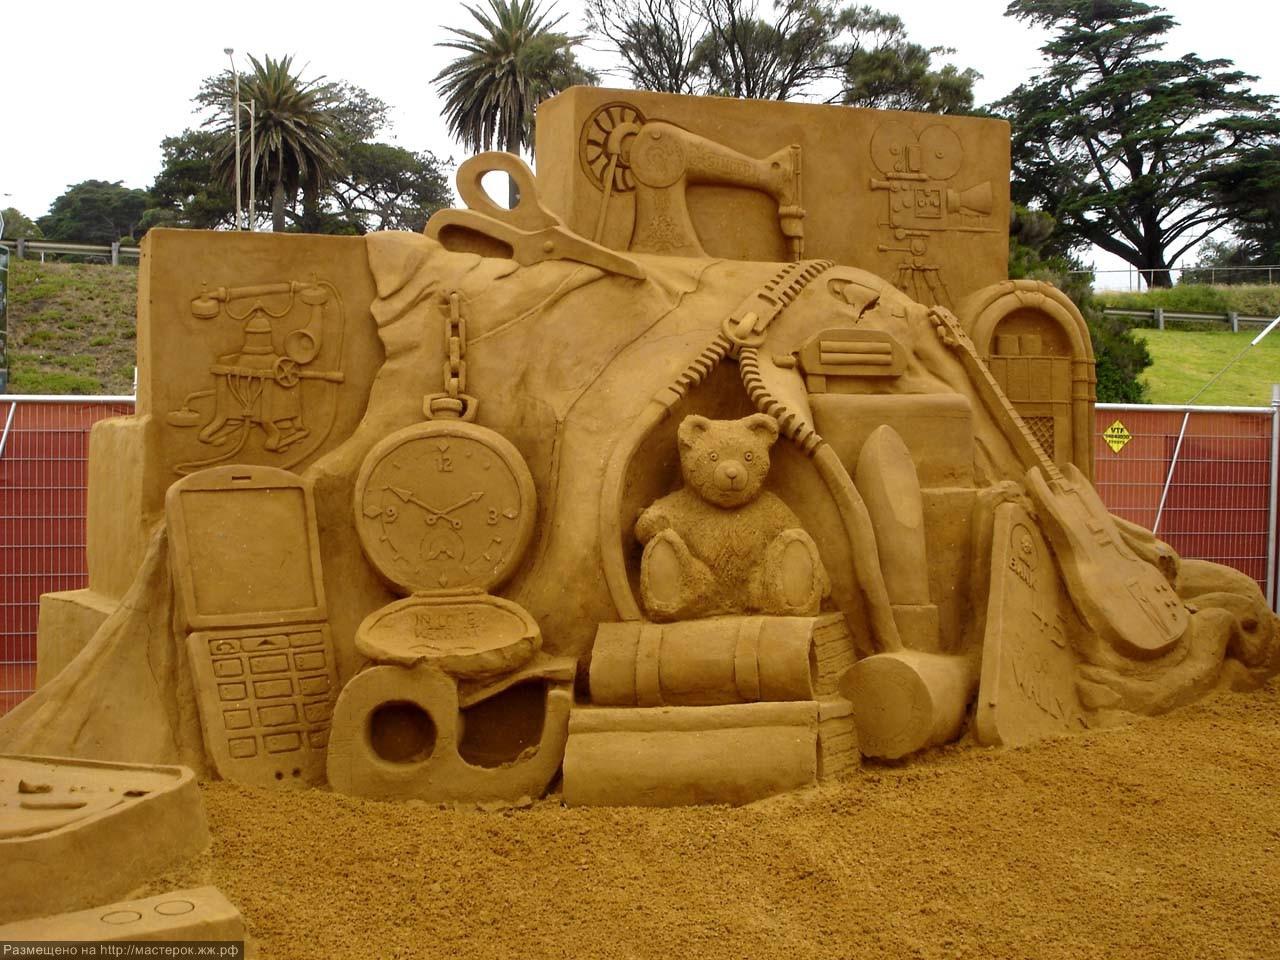 Картинка изделия из песка